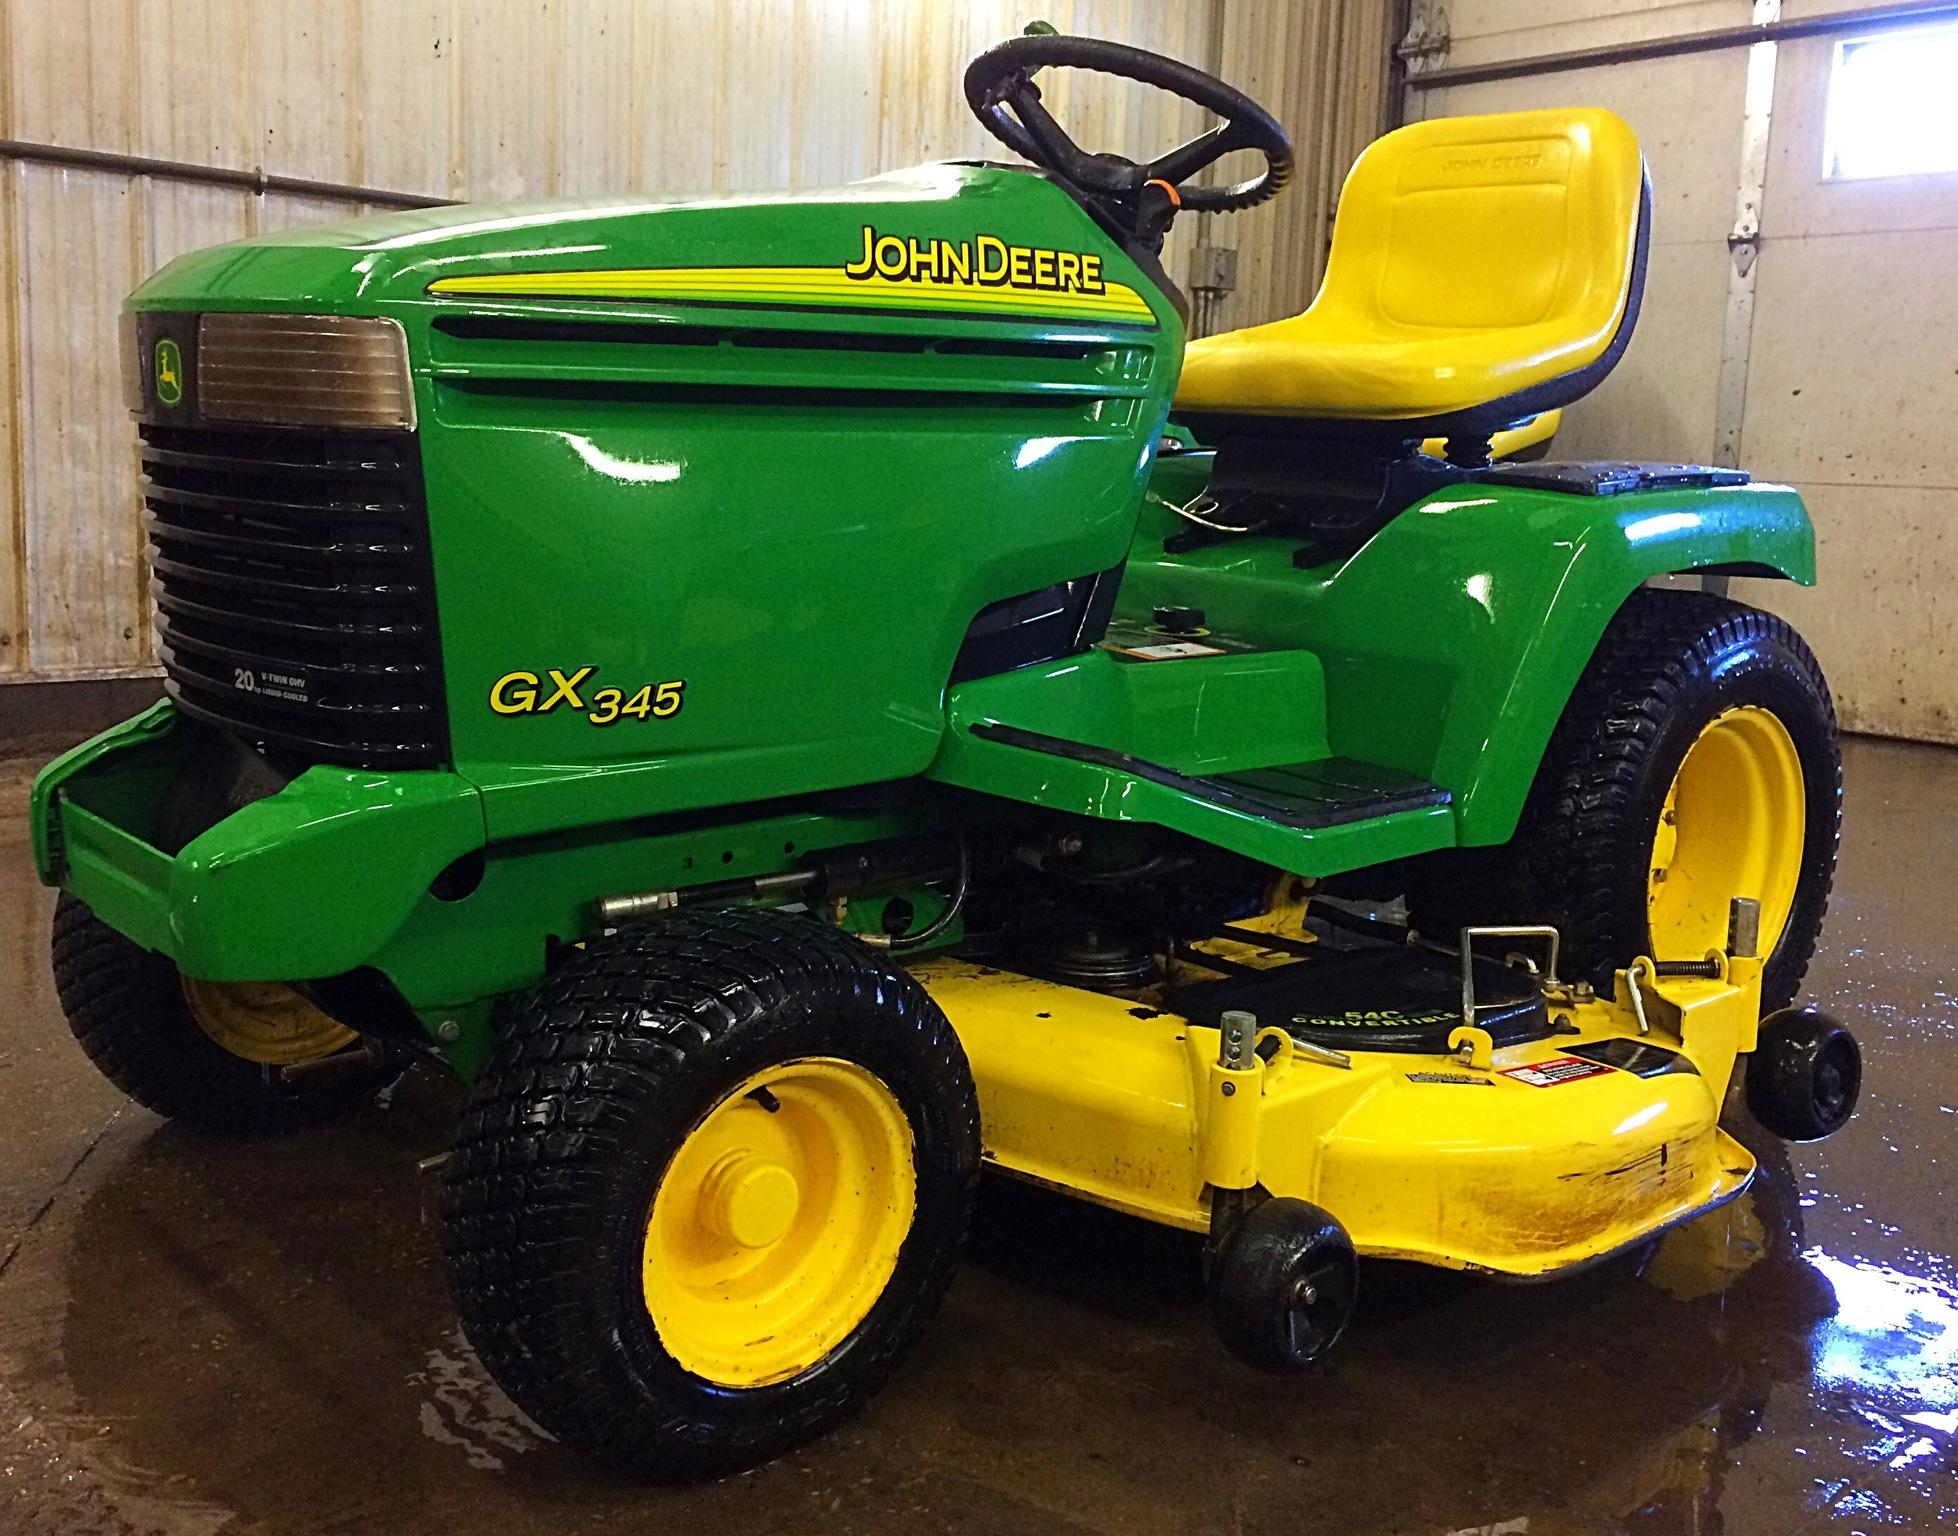 John Deere GX345 Lawn & Garden Tractors for Sale | [53132]